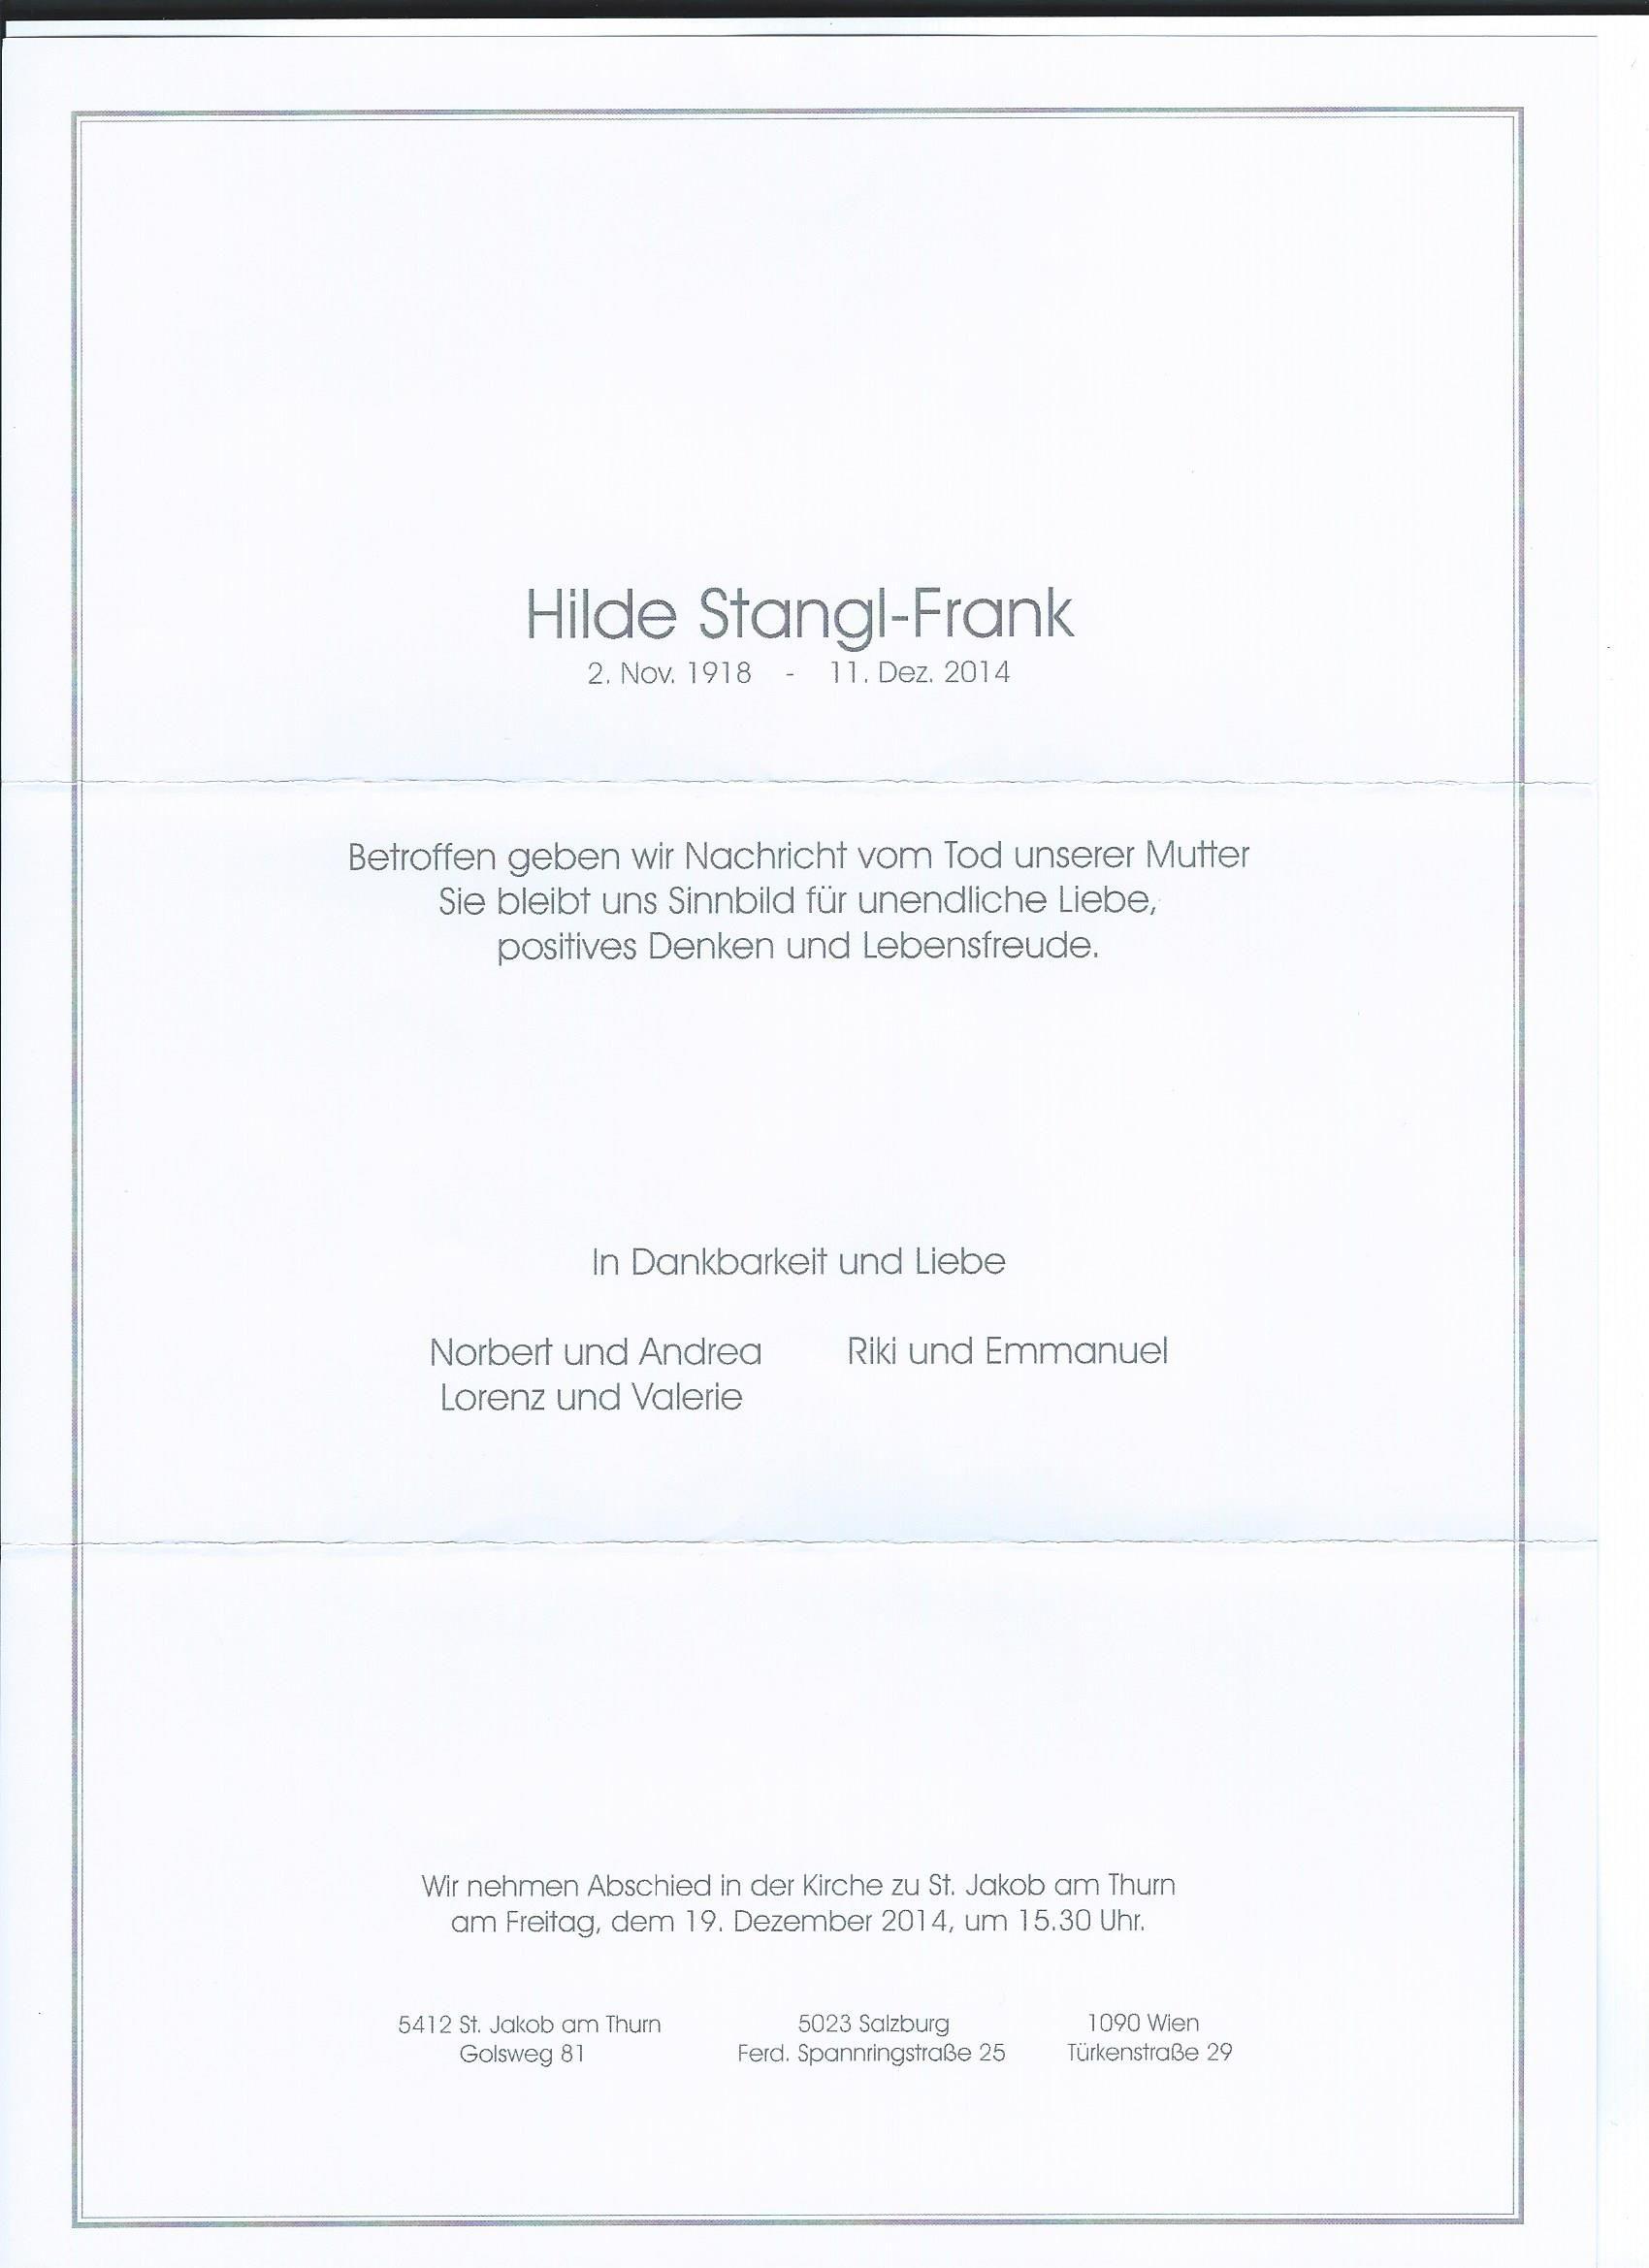 Hilde_Stangl-Frank_Parte